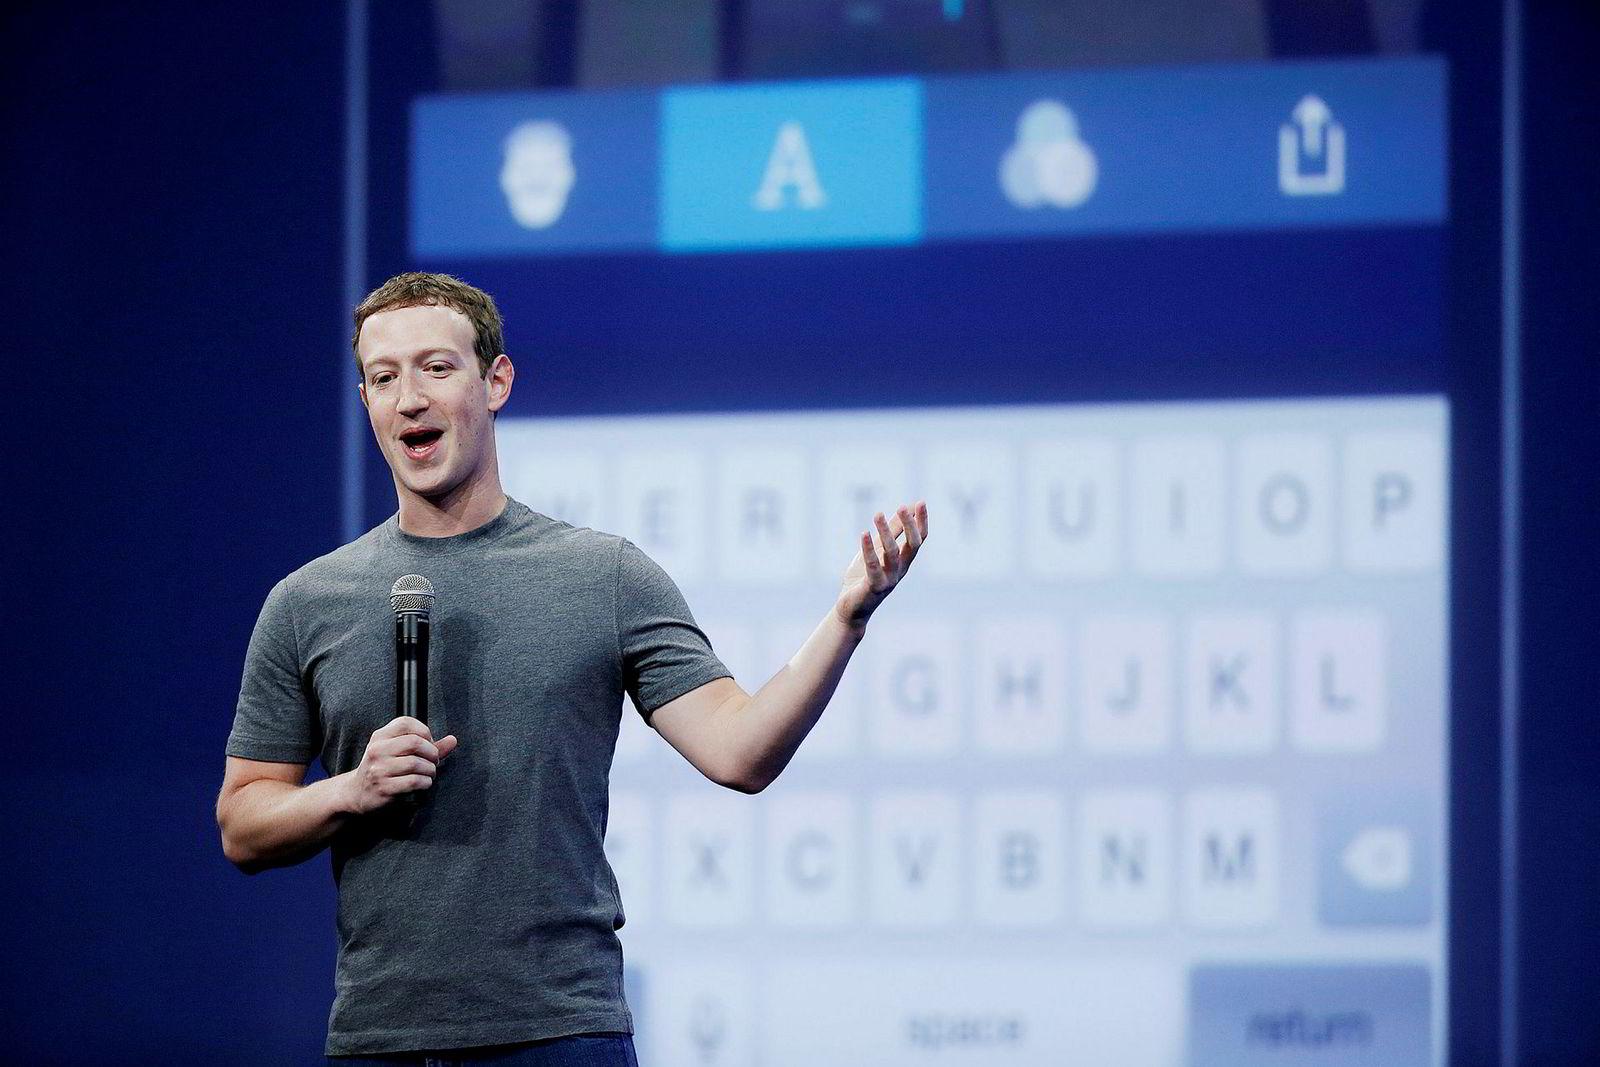 Facebook-sjef Mark Zuckerberg er i hardt vær etter avsløringene av lekkasjene av data om flere av selskapets brukere.